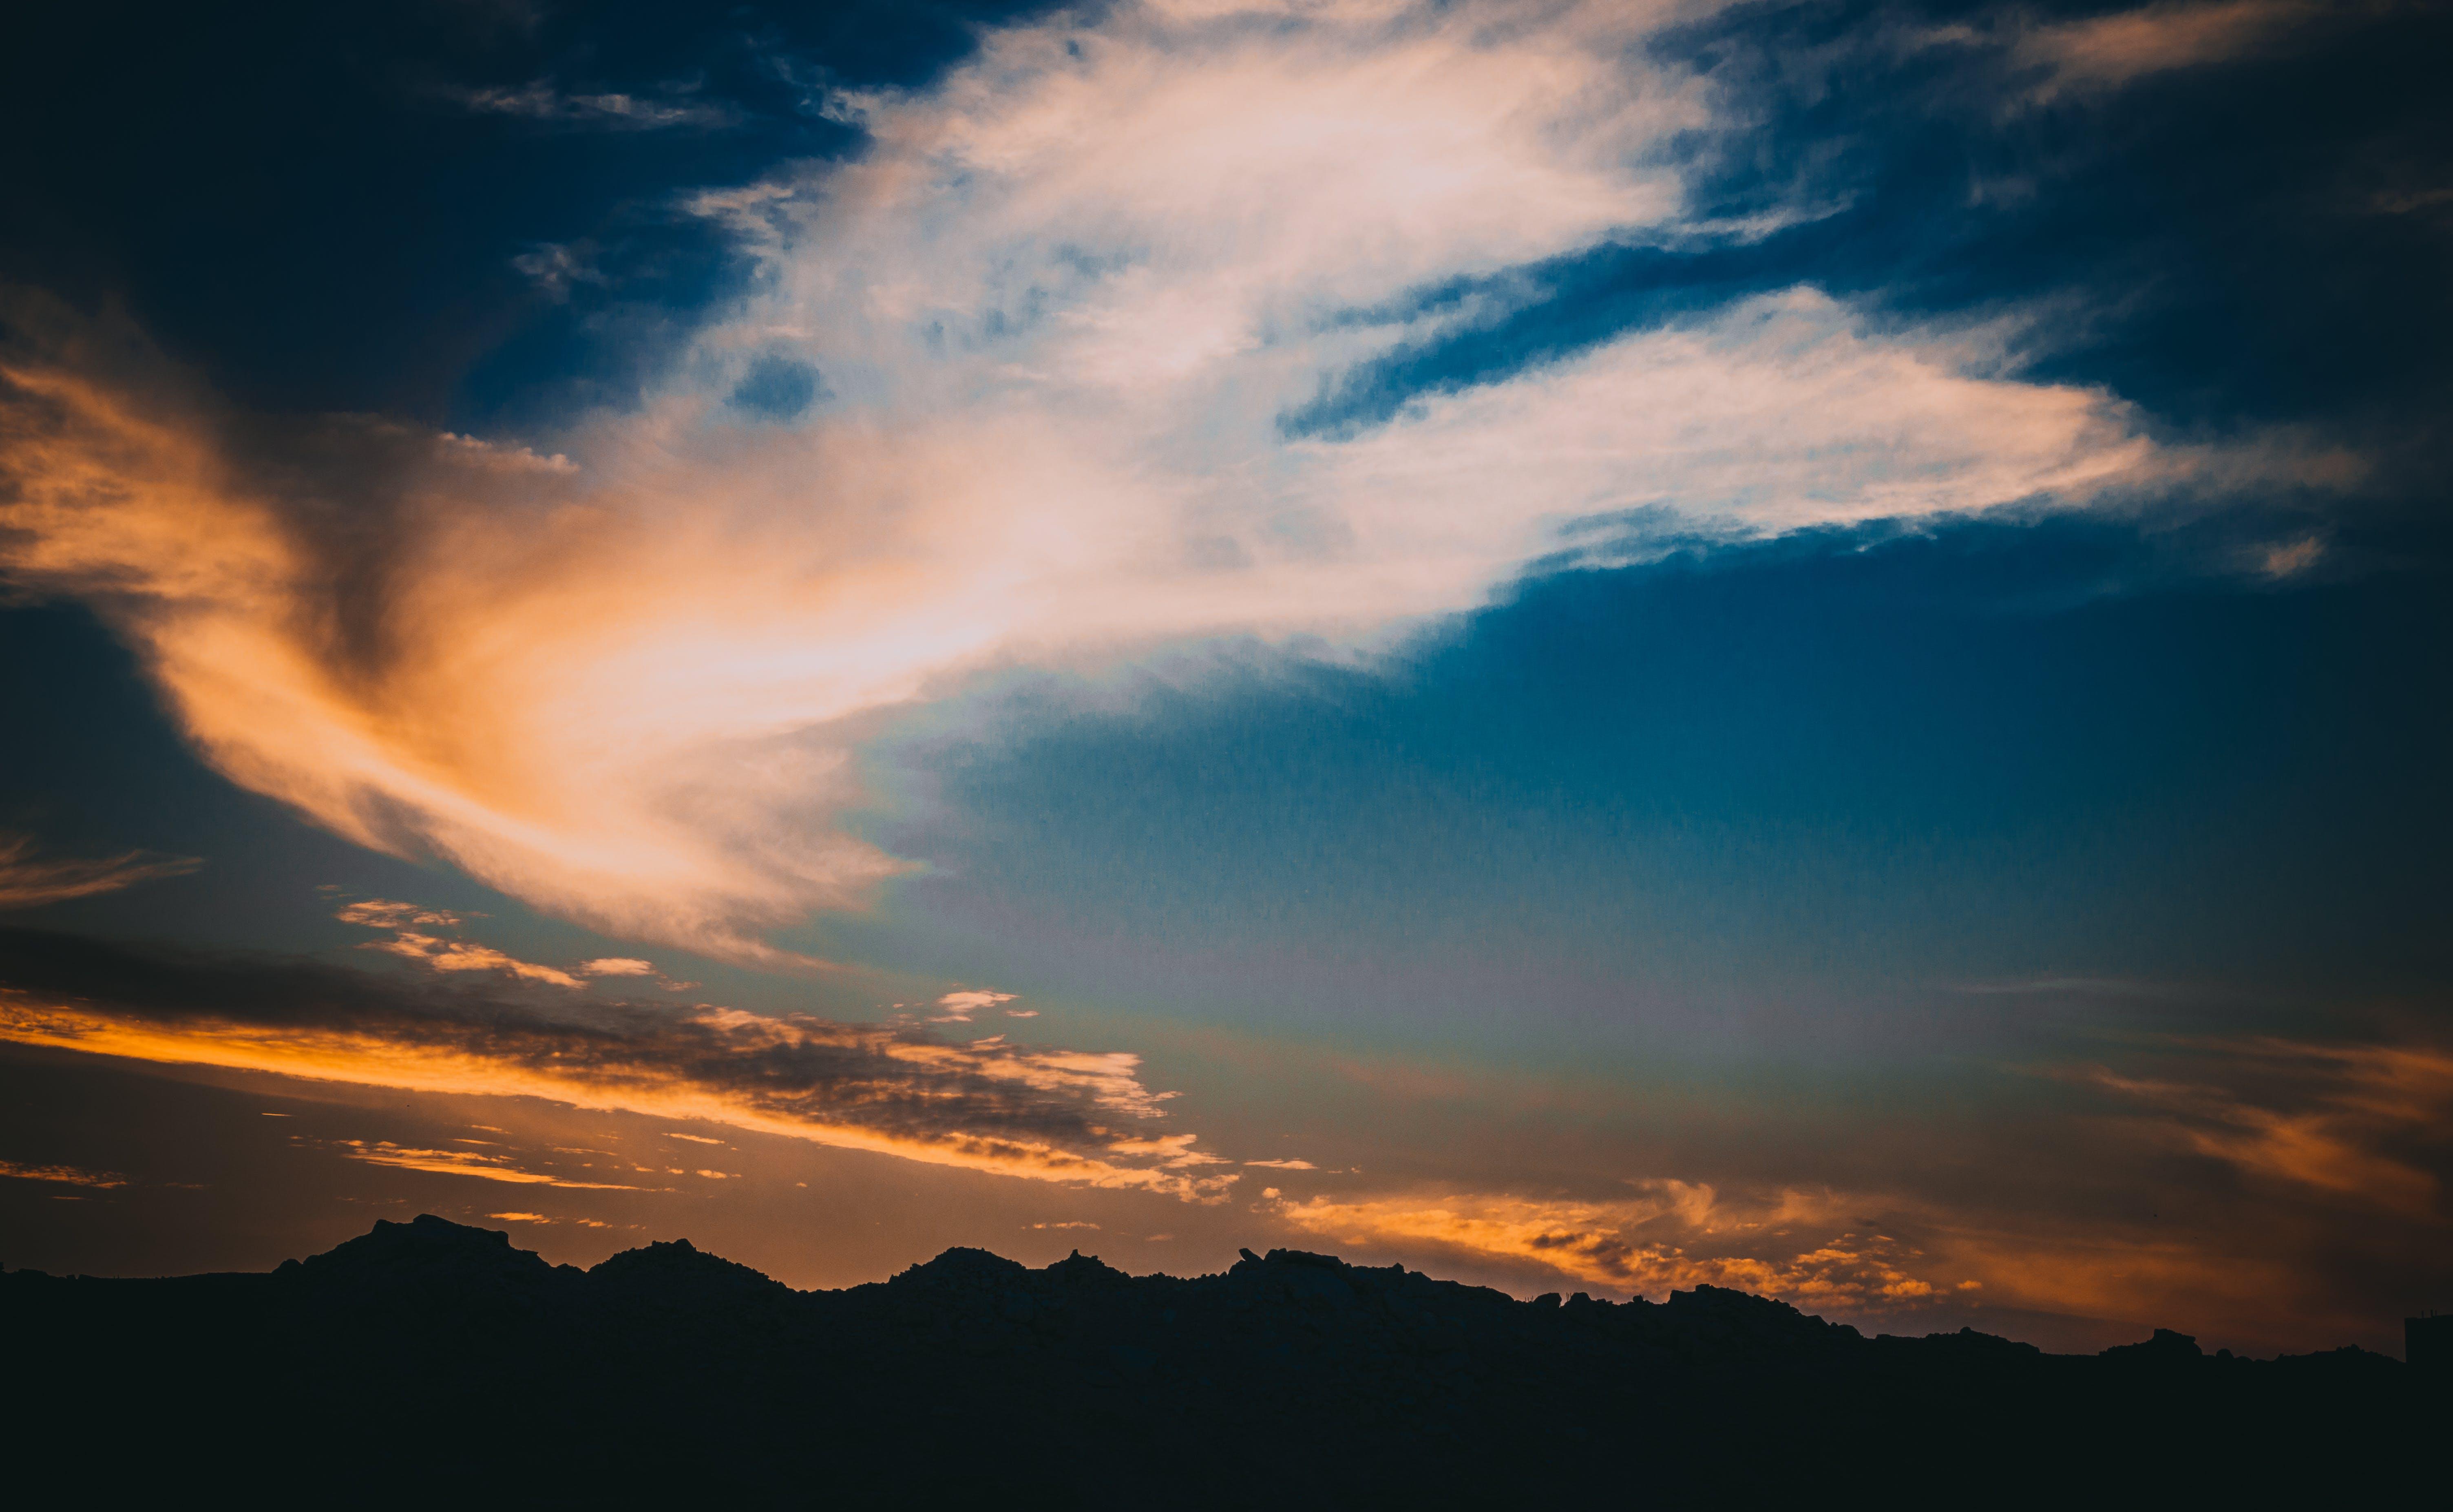 Gratis stockfoto met bergen, dageraad, decor, dramatisch